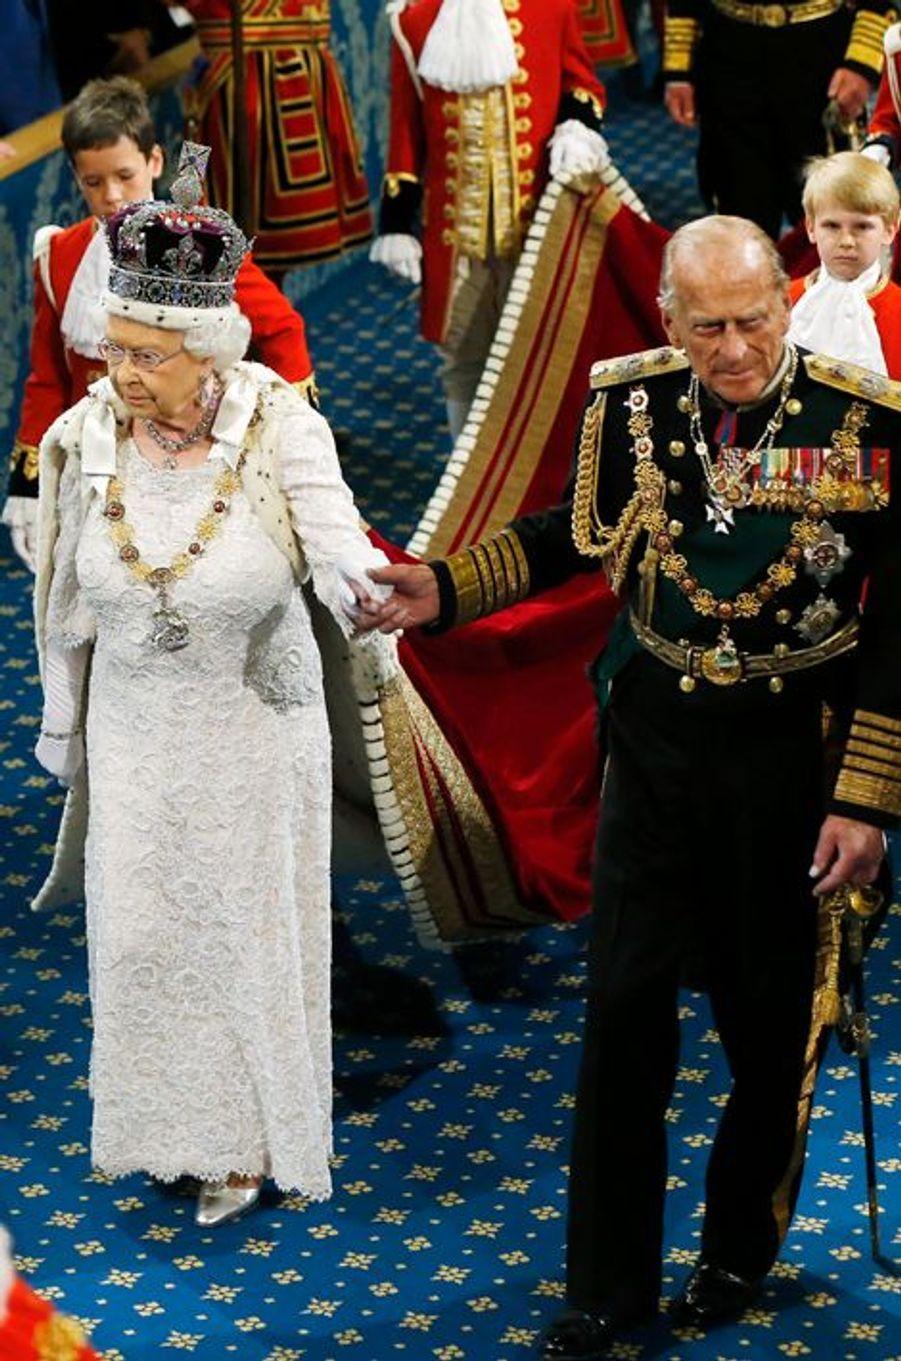 La reine Elizabeth II avec le duc d'Edimbourg au Parlement à Londres, le 27 mai 2015